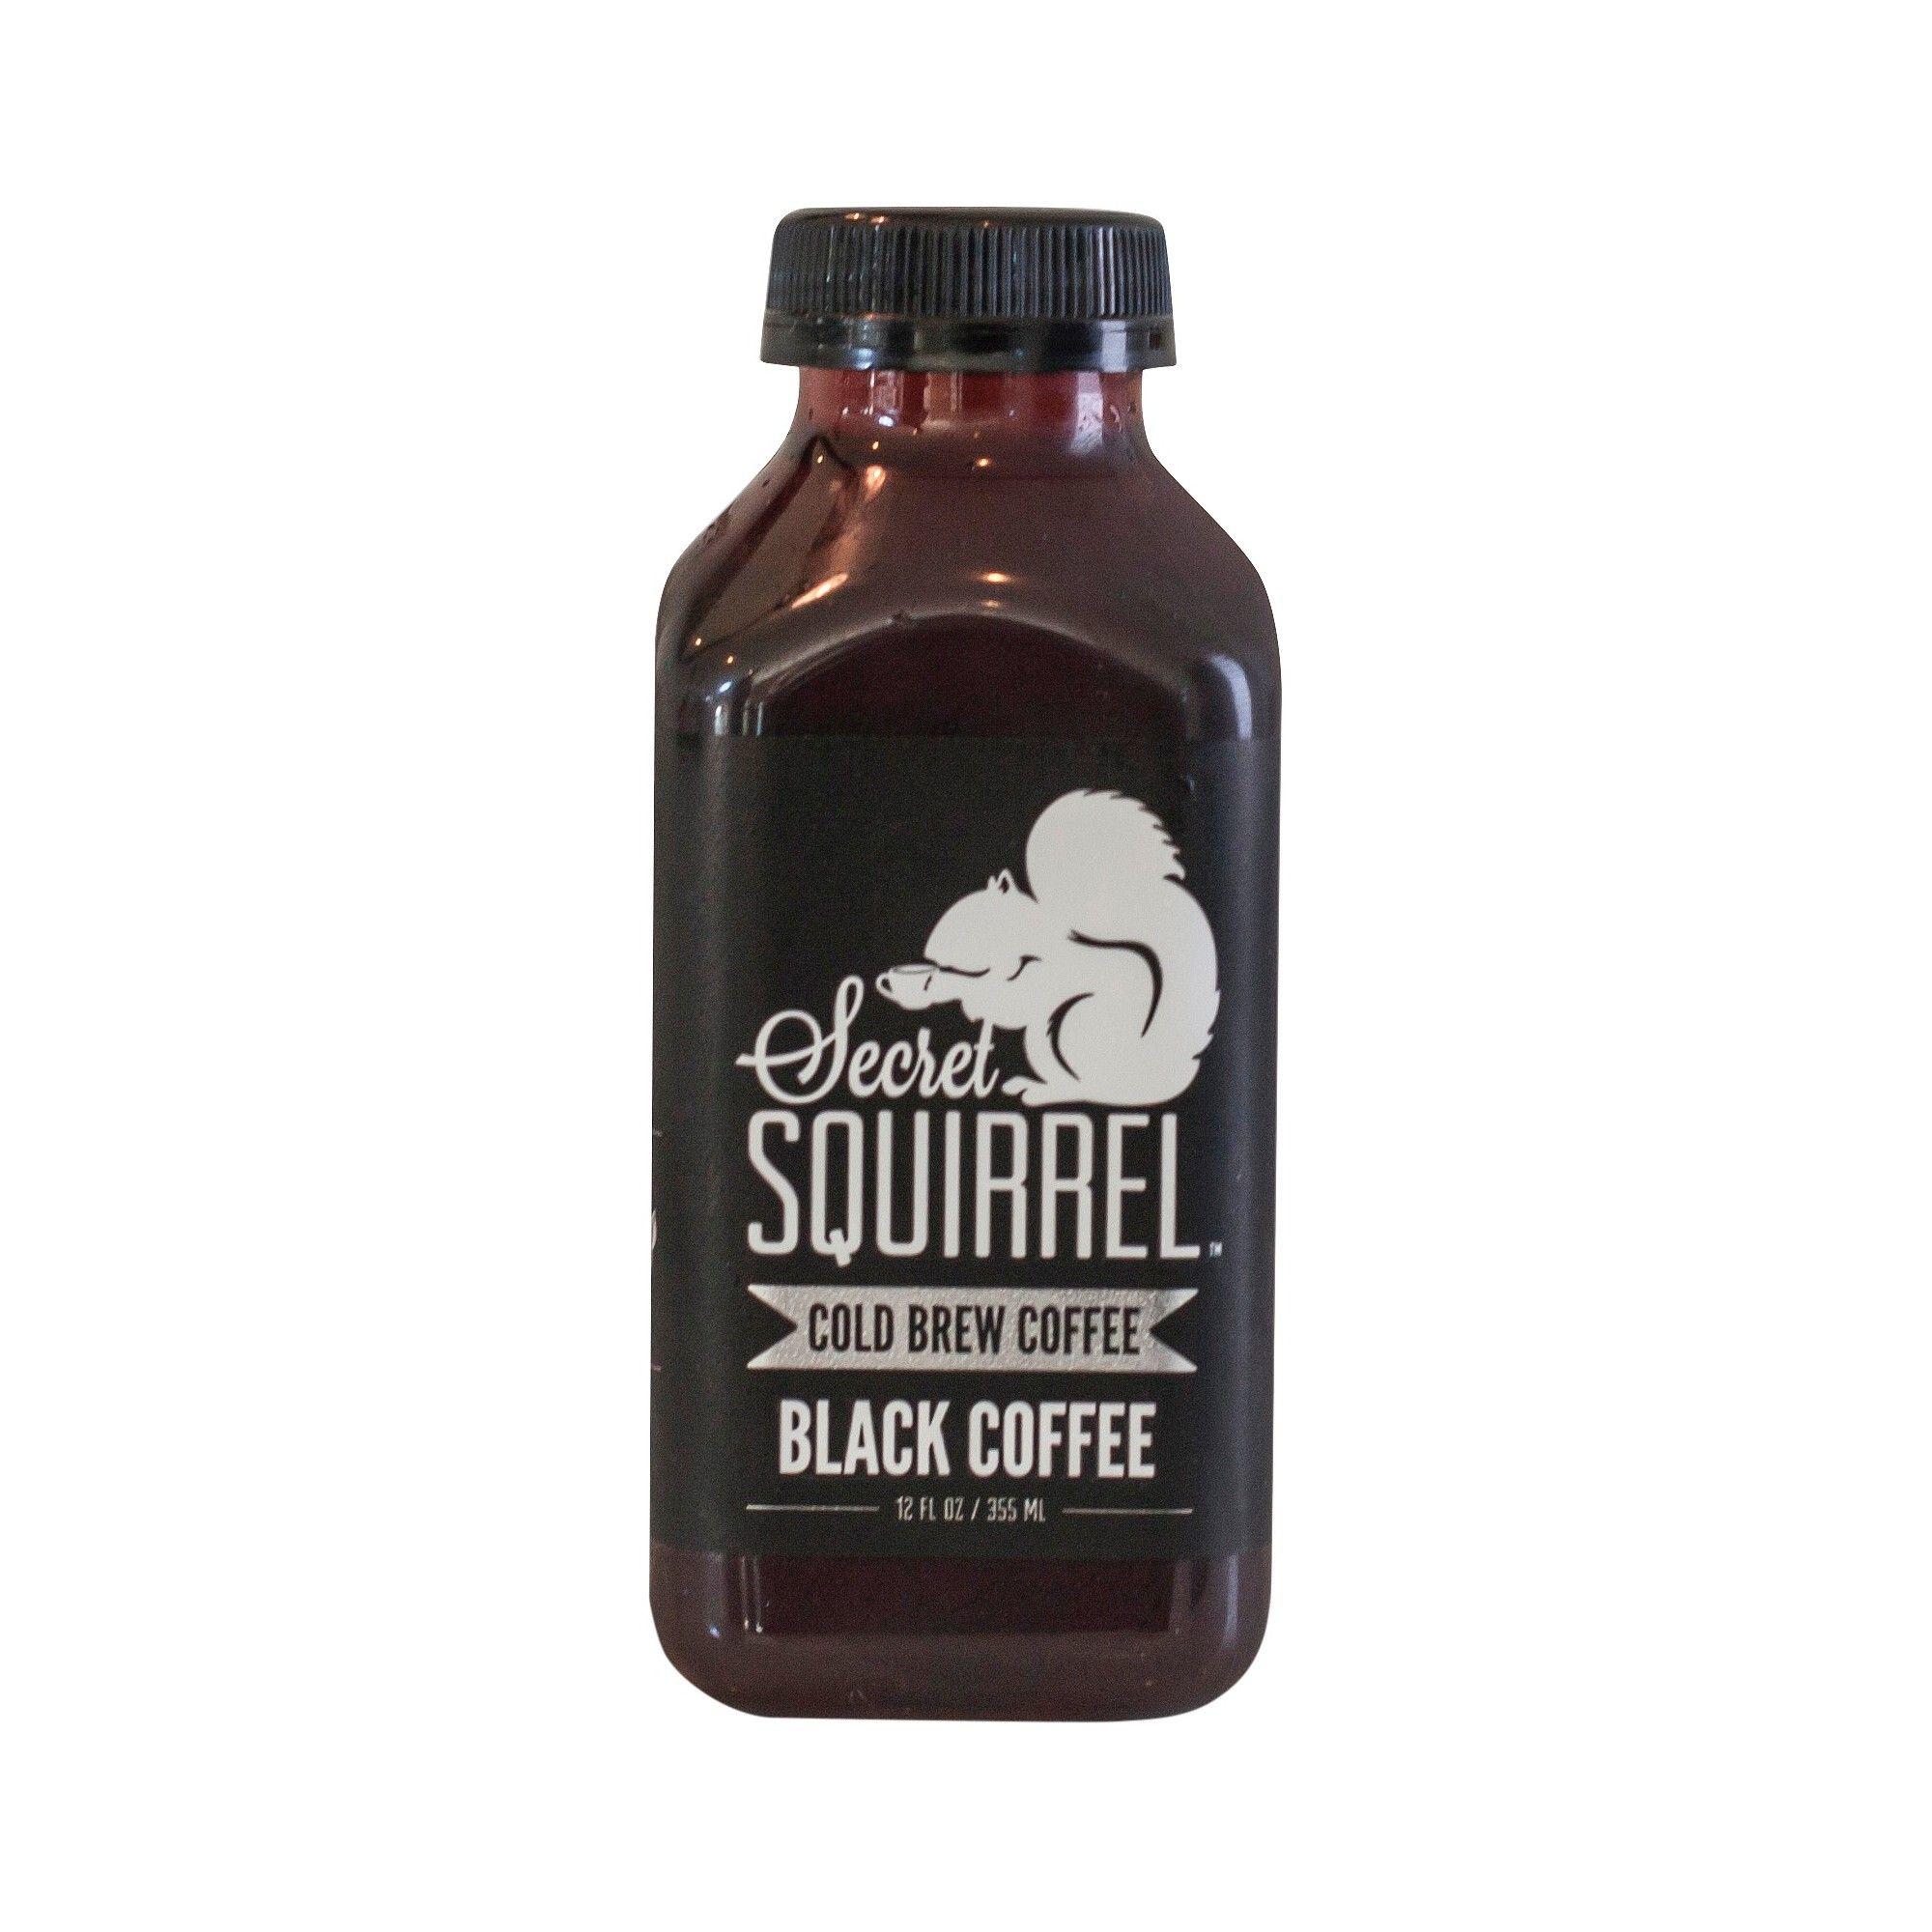 Secret Squirrel Black Cold Brew Coffee 12 fl oz Cold